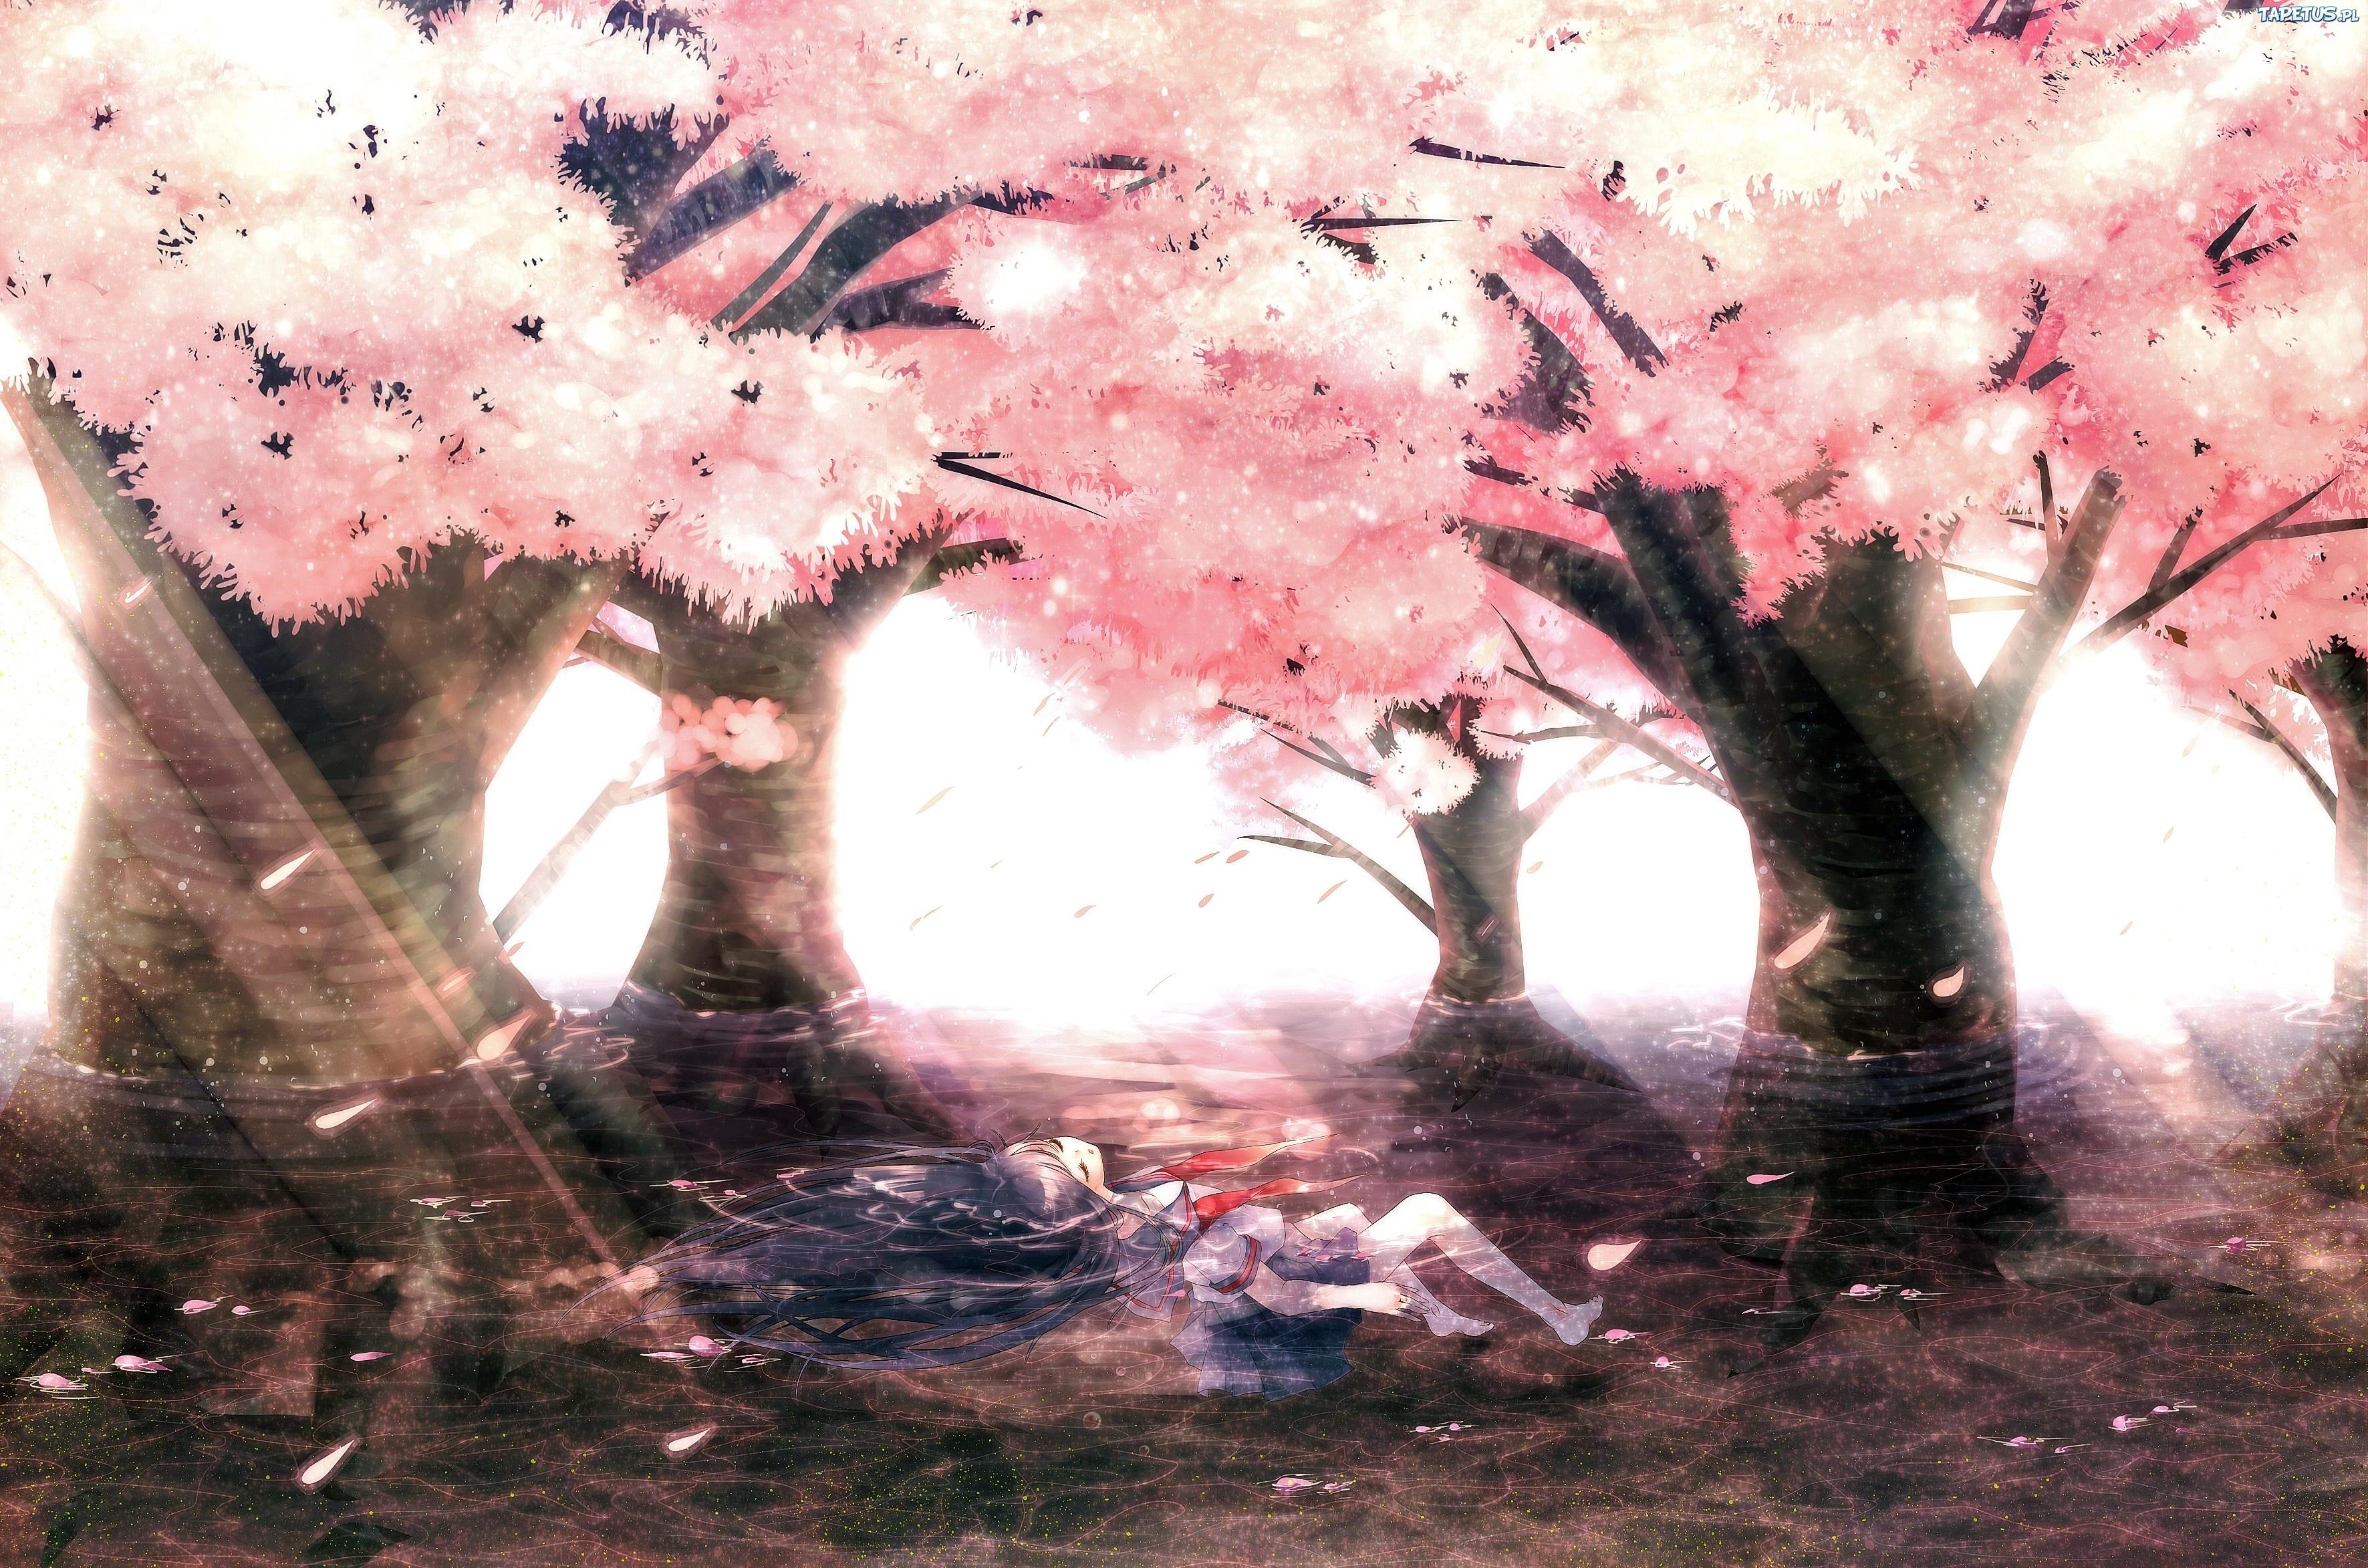 83077_woda-dziewczyna-drzewa.jpg